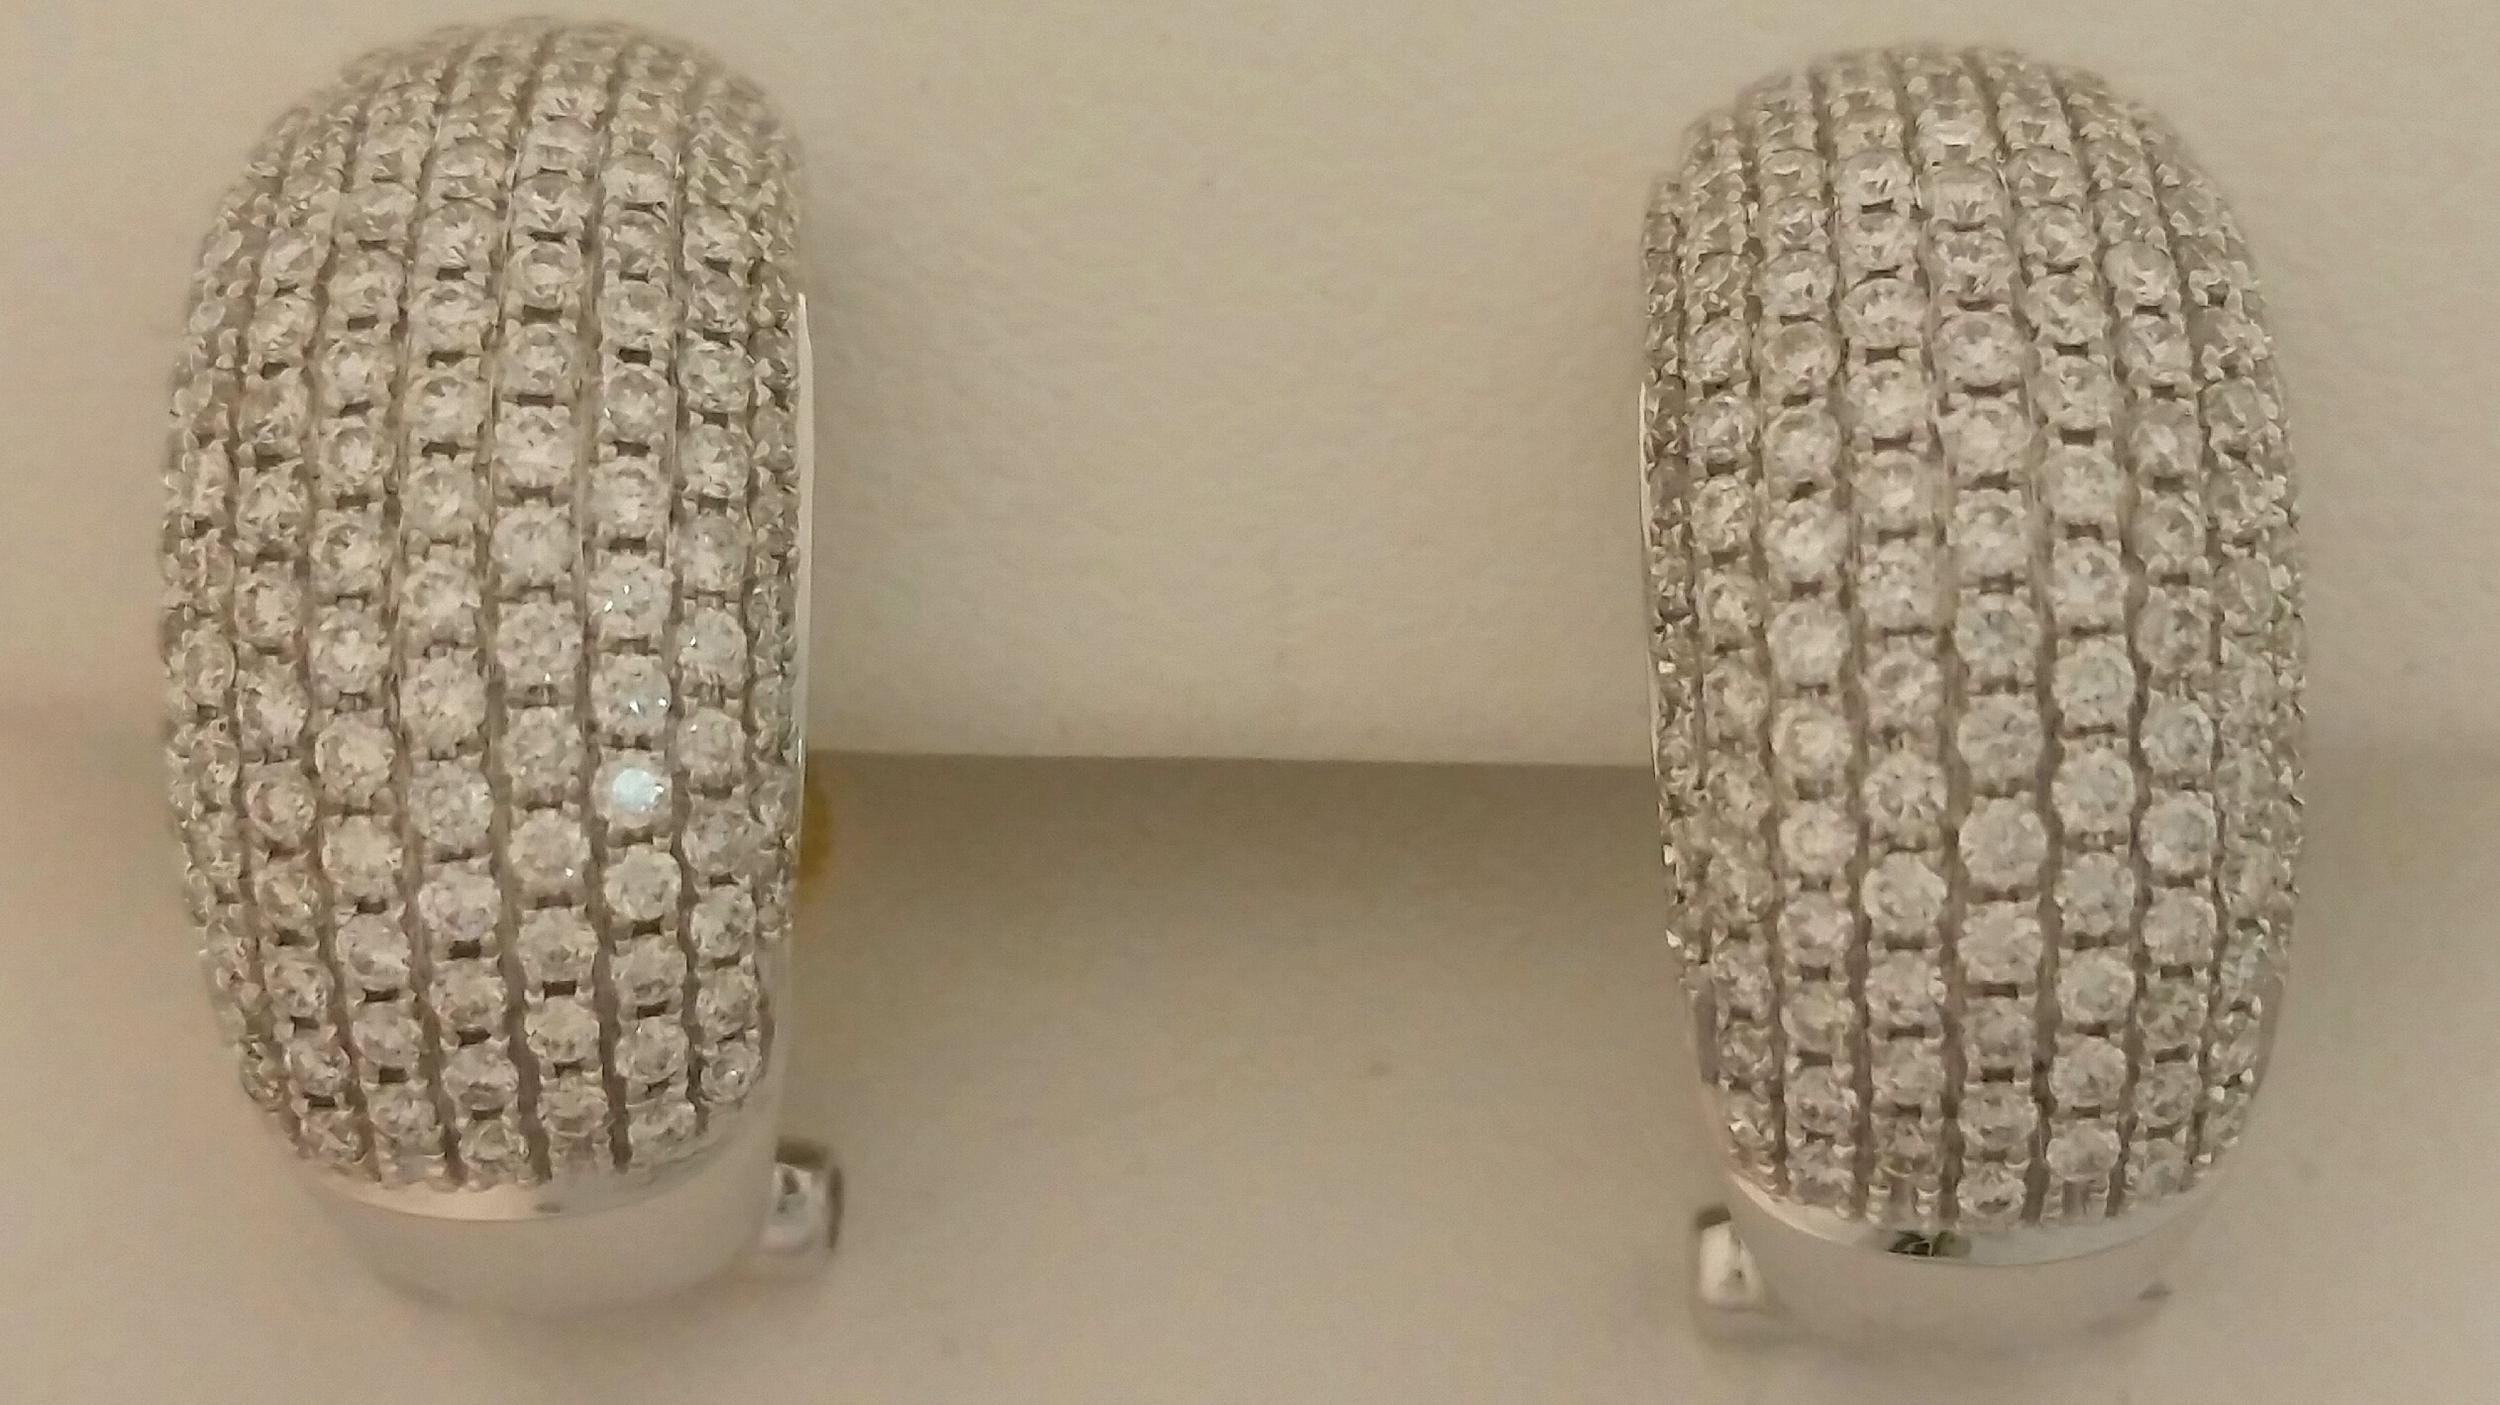 18 Karat White Gold 2 Carat Diamond Pave Hoops